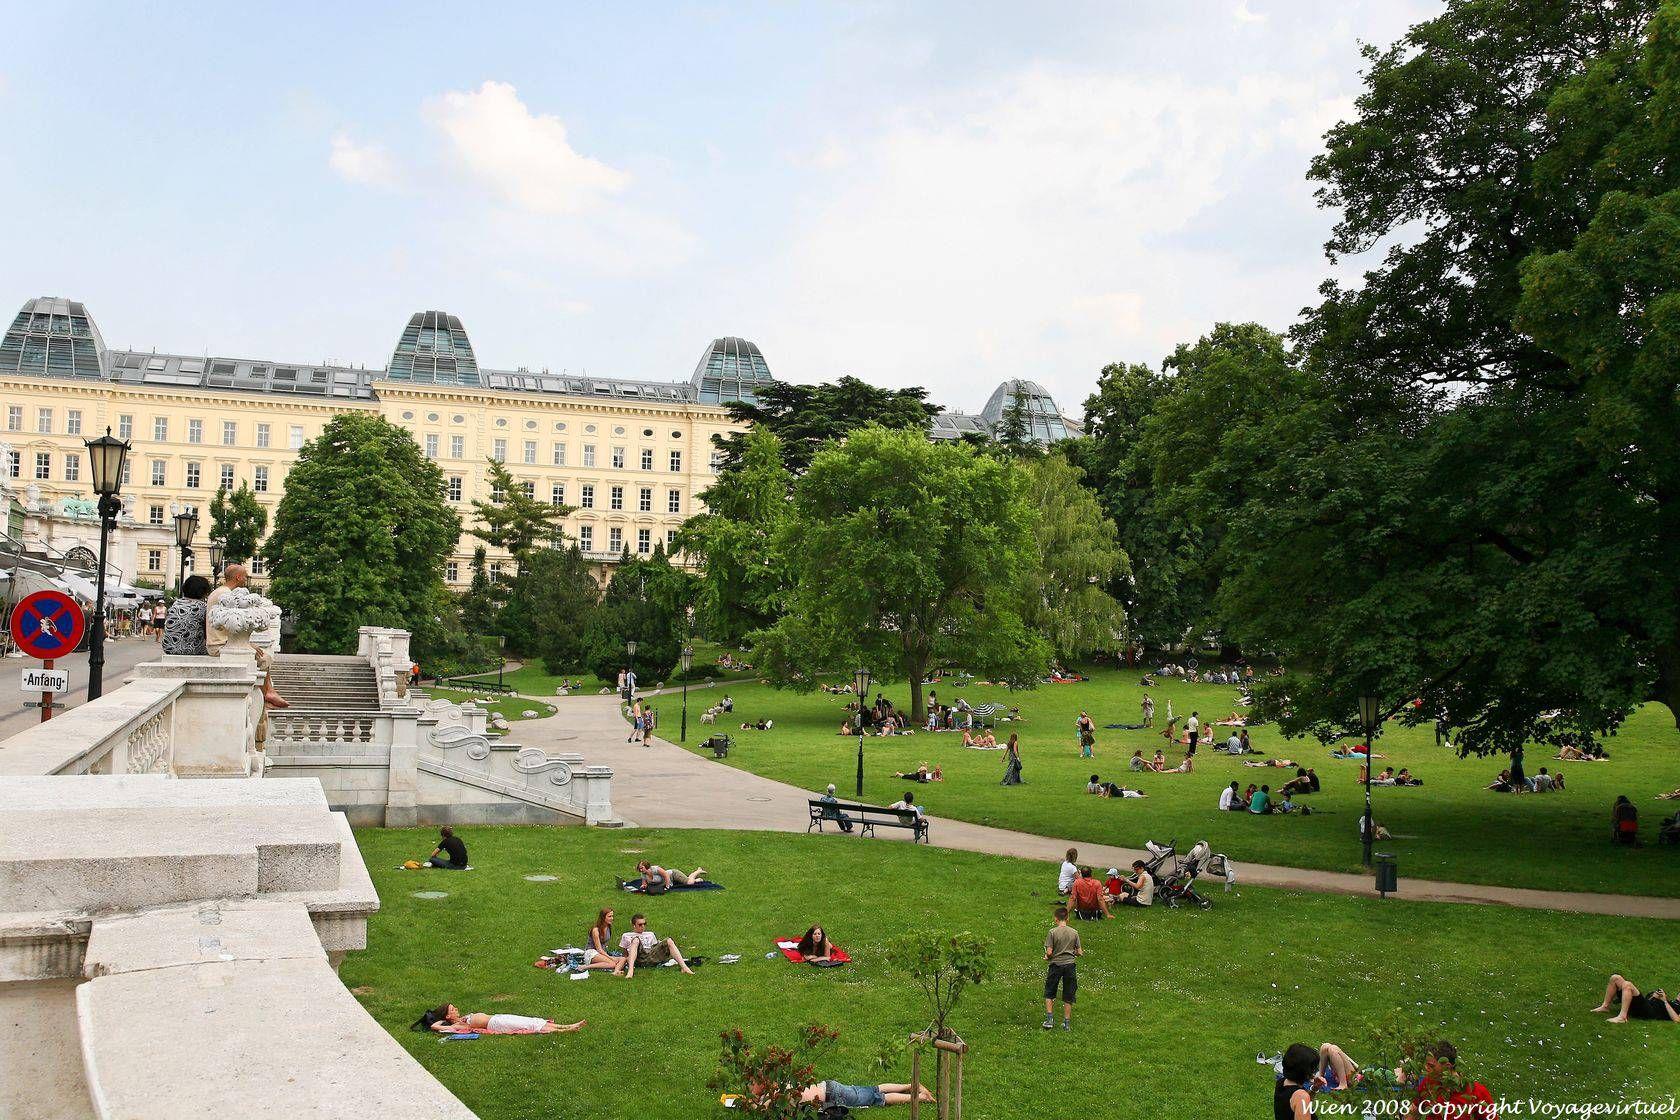 Paras dating sites Itävalta